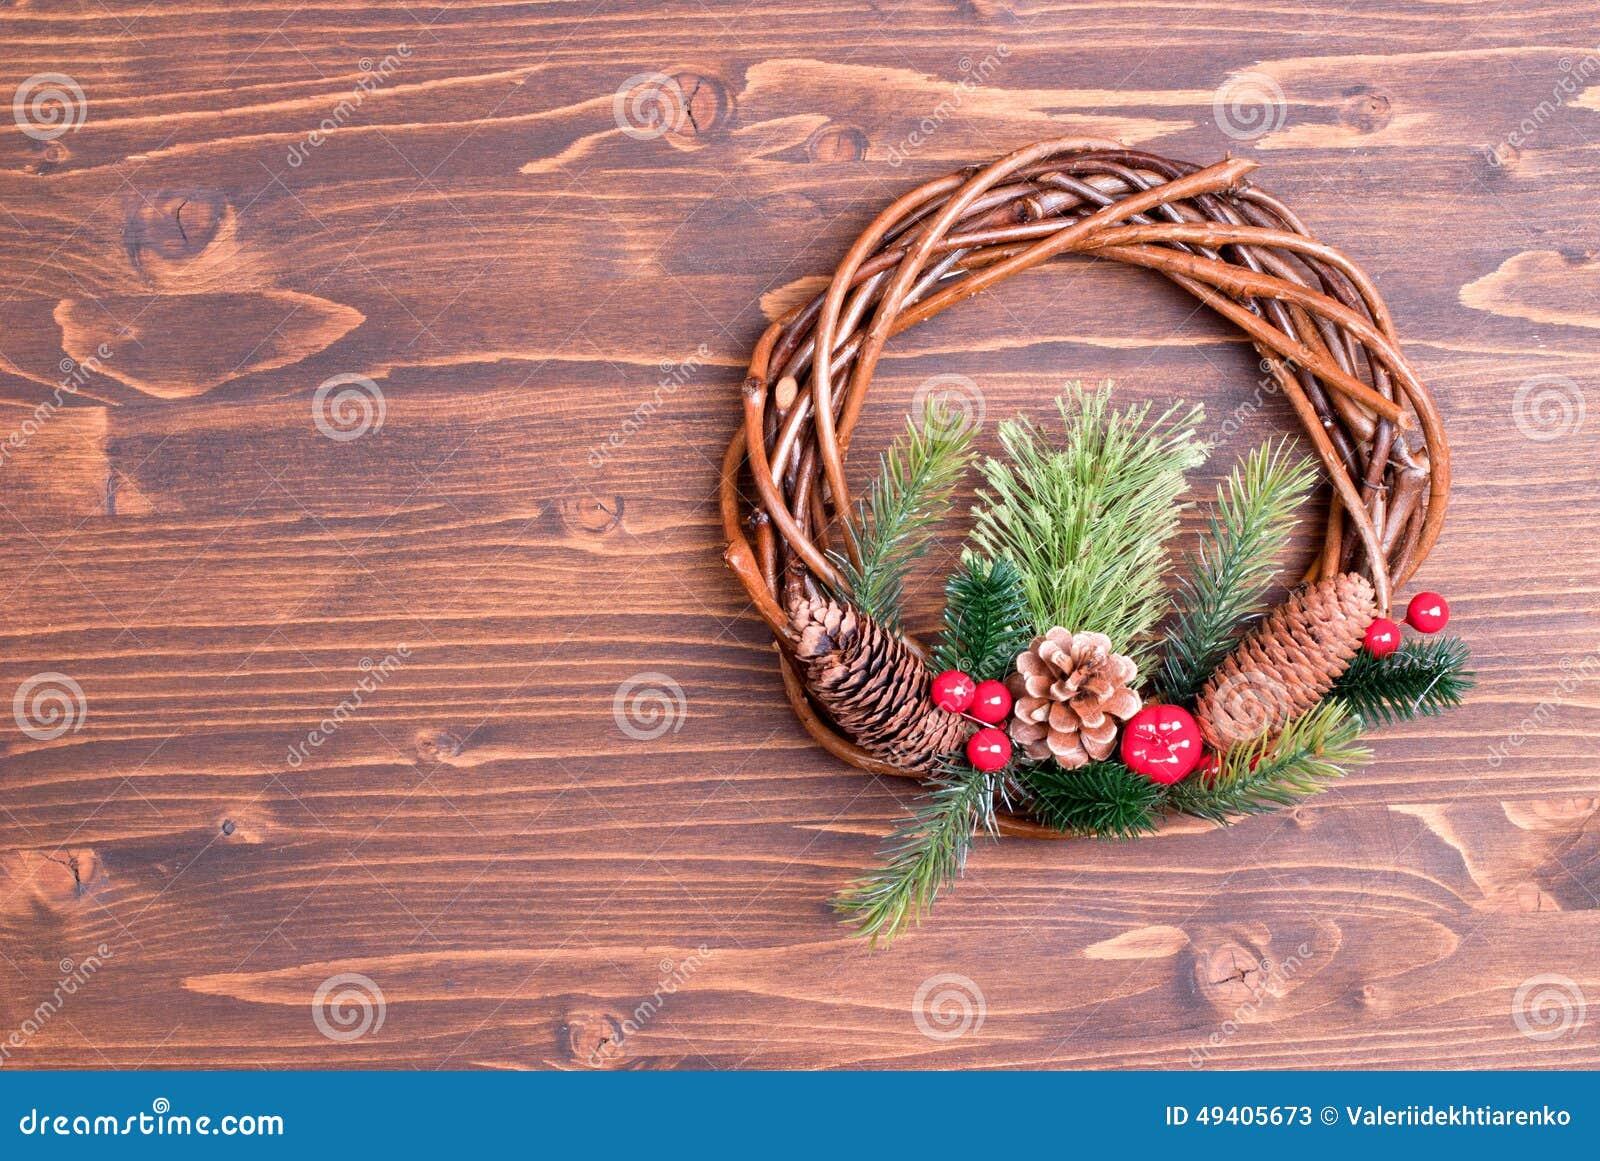 Download Weihnachtskranz Von Zweigen Mit Kiefernnadeln Und Von Kegeln Auf Einem Braun Stockbild - Bild von dekor, noel: 49405673